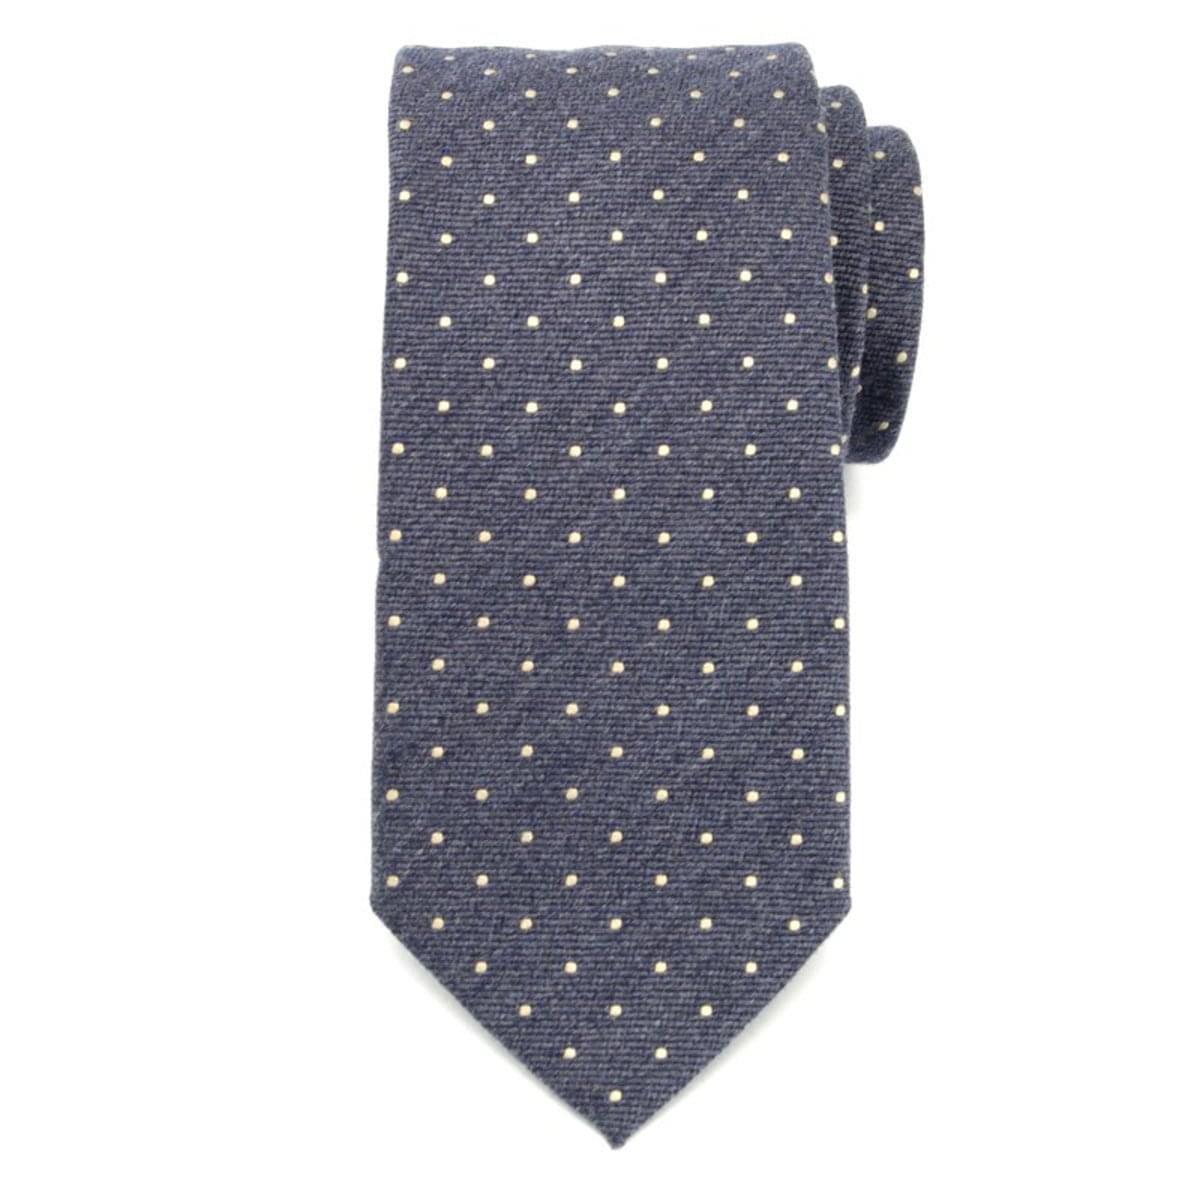 Pánska klasická kravata (vzor 356) 7171 zo zmesi vlny a hodváb